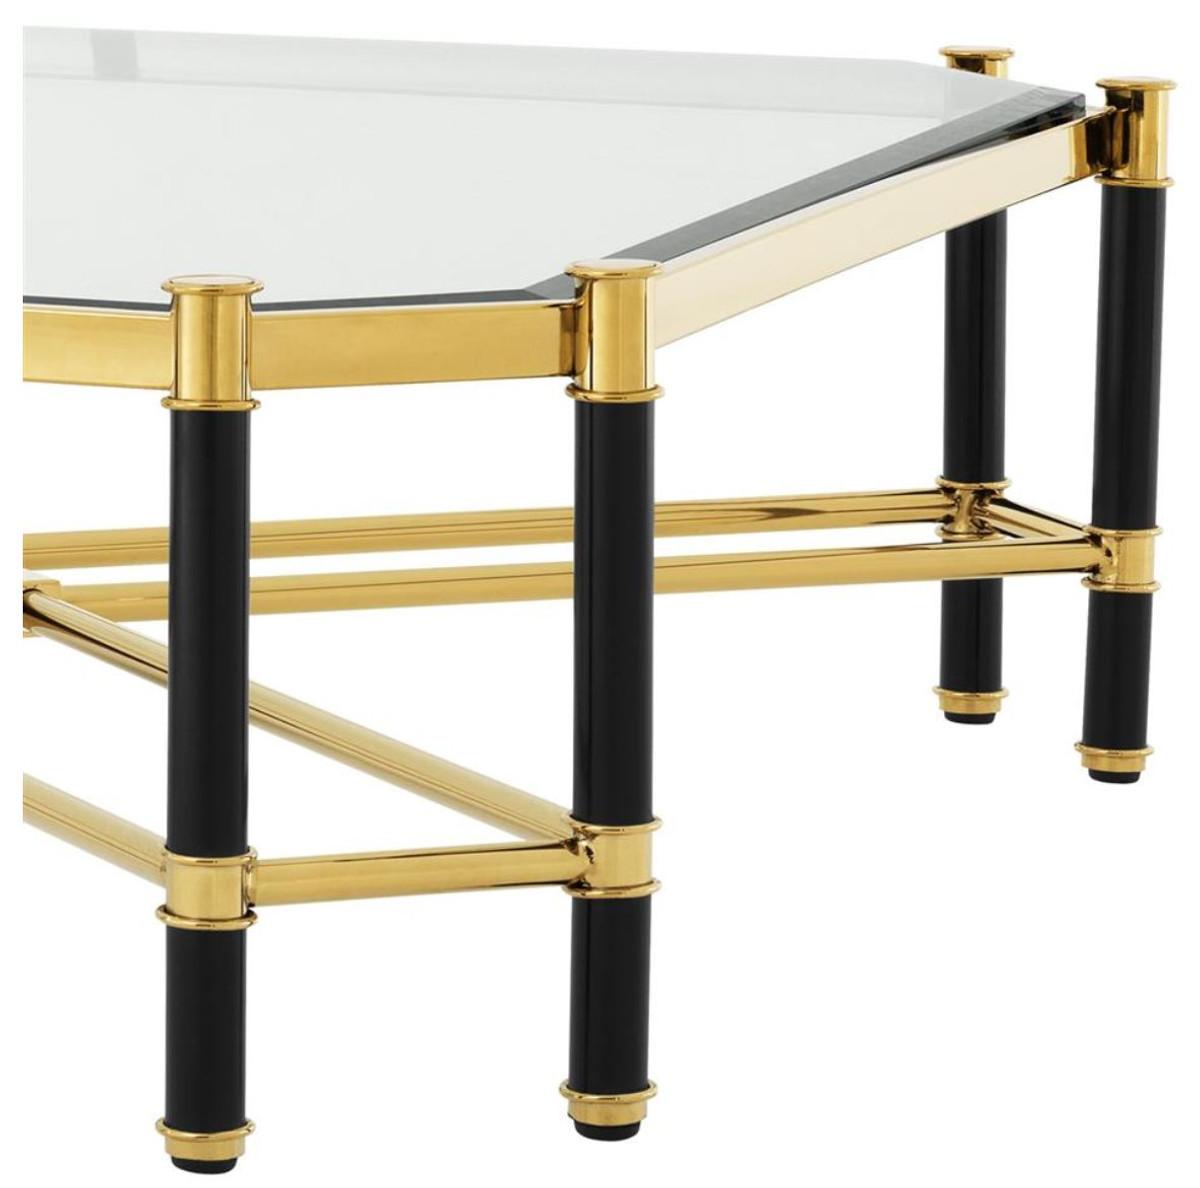 Casa padrino luxus couchtisch gold schwarz 115 x 115 x h for Luxus couchtisch